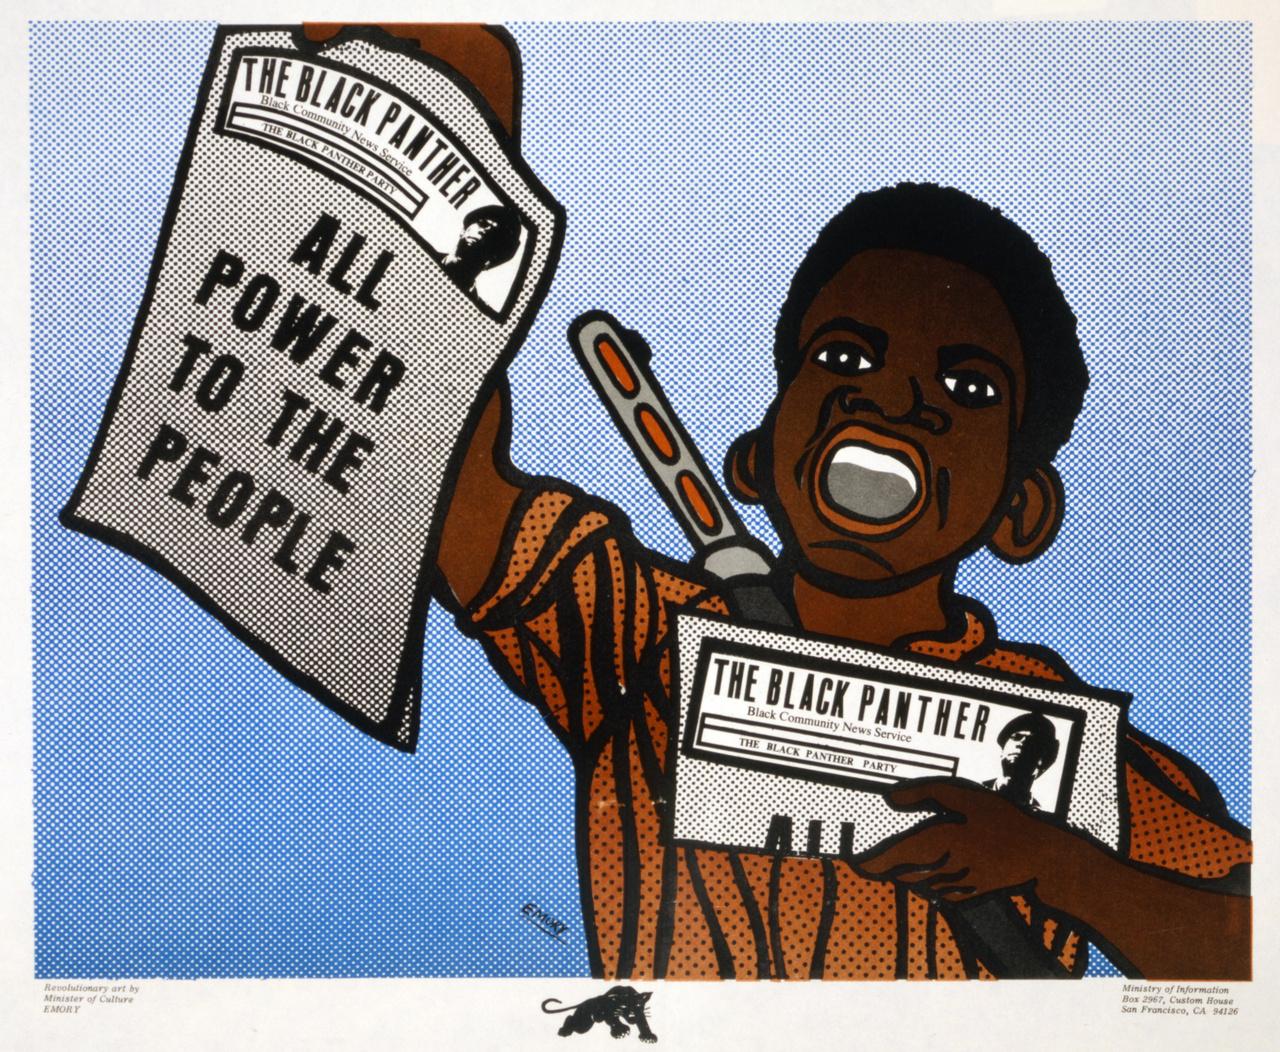 """Egy újabb Emory-klasszikus 1970-ből: fiatal fegyveres rikkancs Roy Lichtensteint-idéző raszteres stílusban. """"Minden hatalmat a népnek"""" – áll a Fekete Párducok újságjának címlapján."""